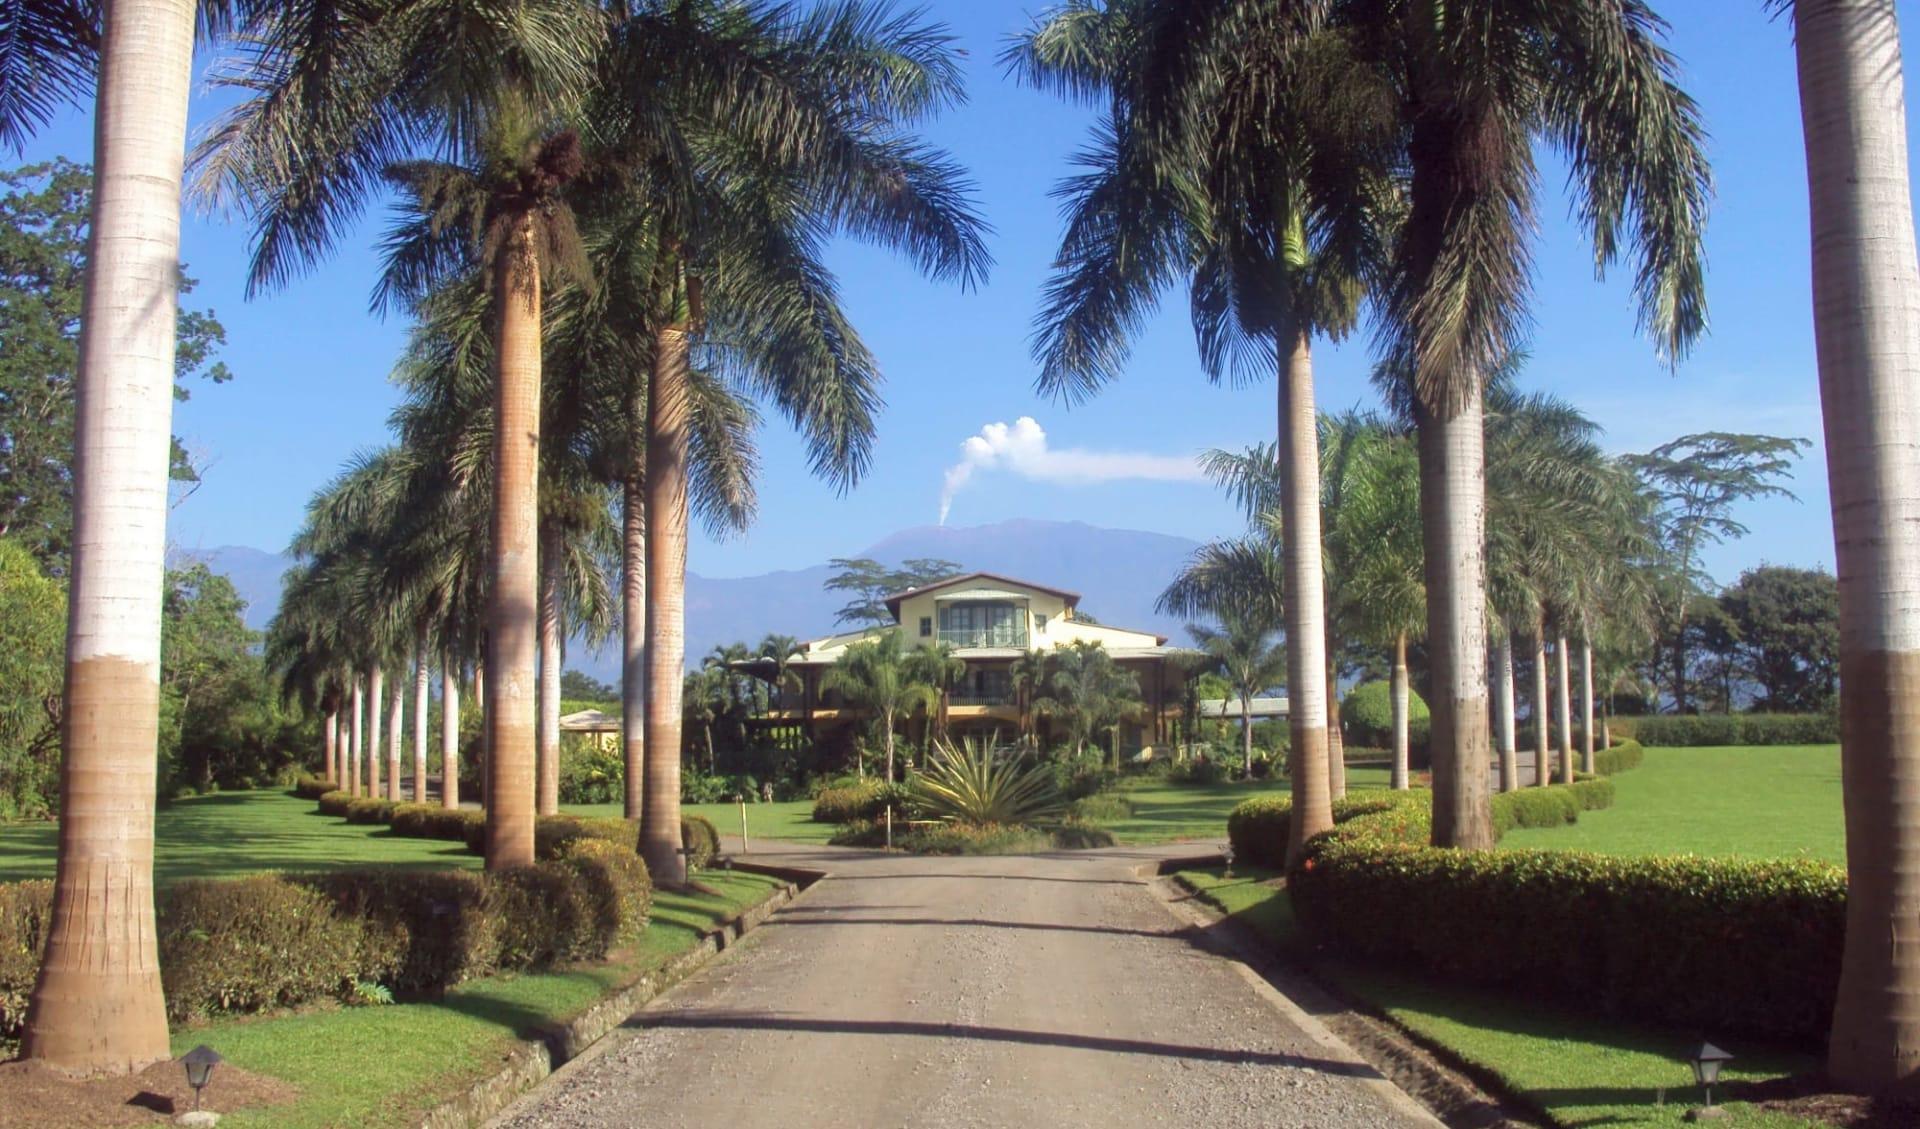 Casa Turire in Turrialba:  Casa Turire Entrance